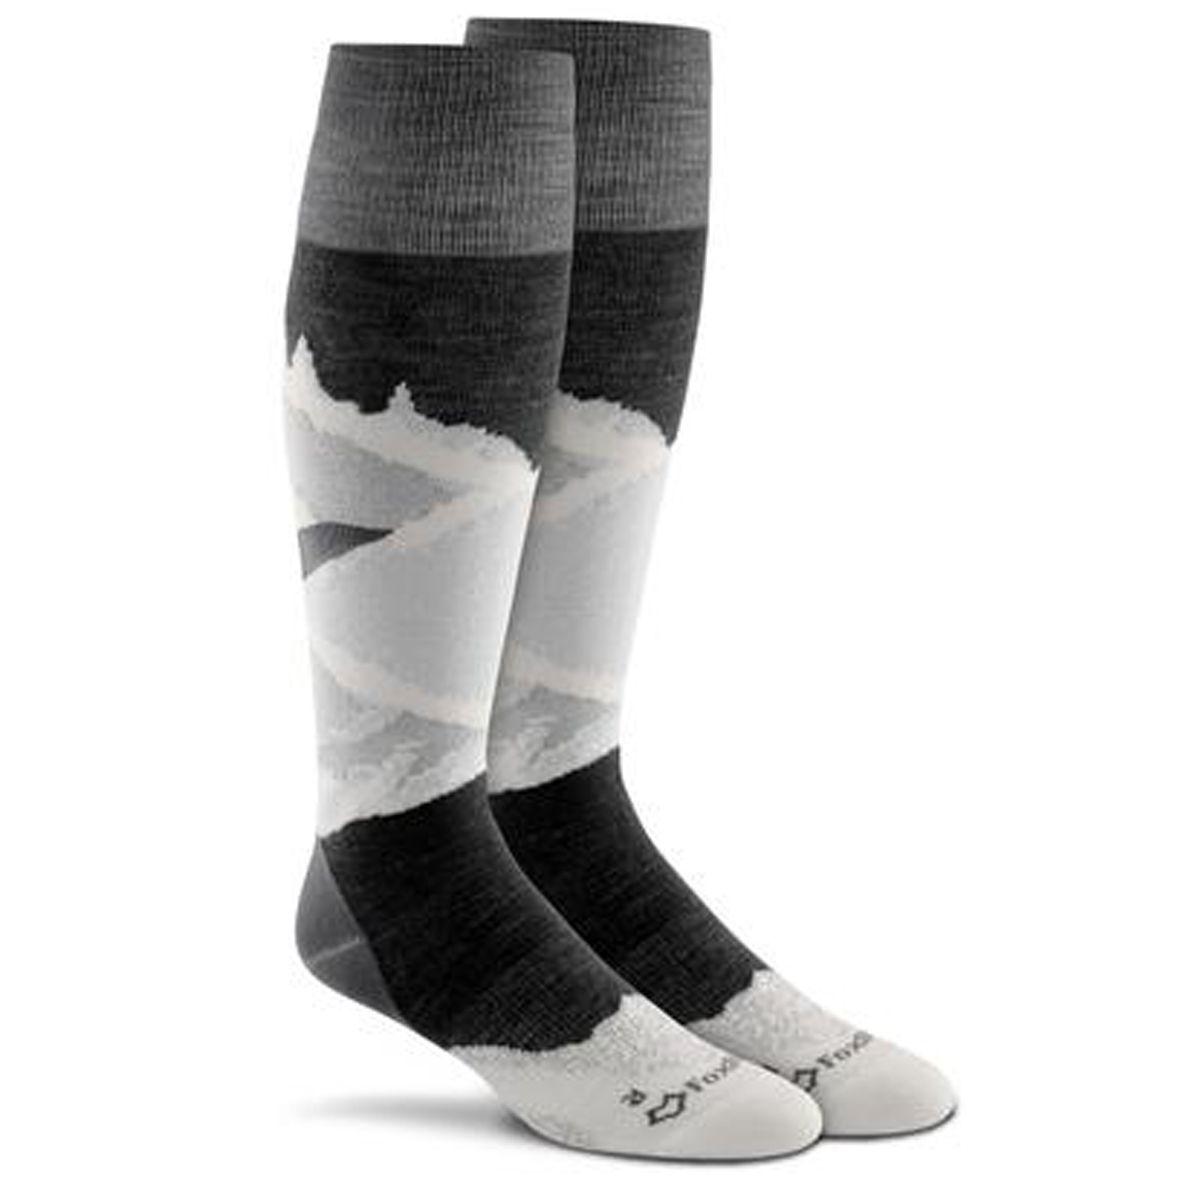 Fox River Prima Lift Socks Medium Black Socks Ski Socks Fox River Socks